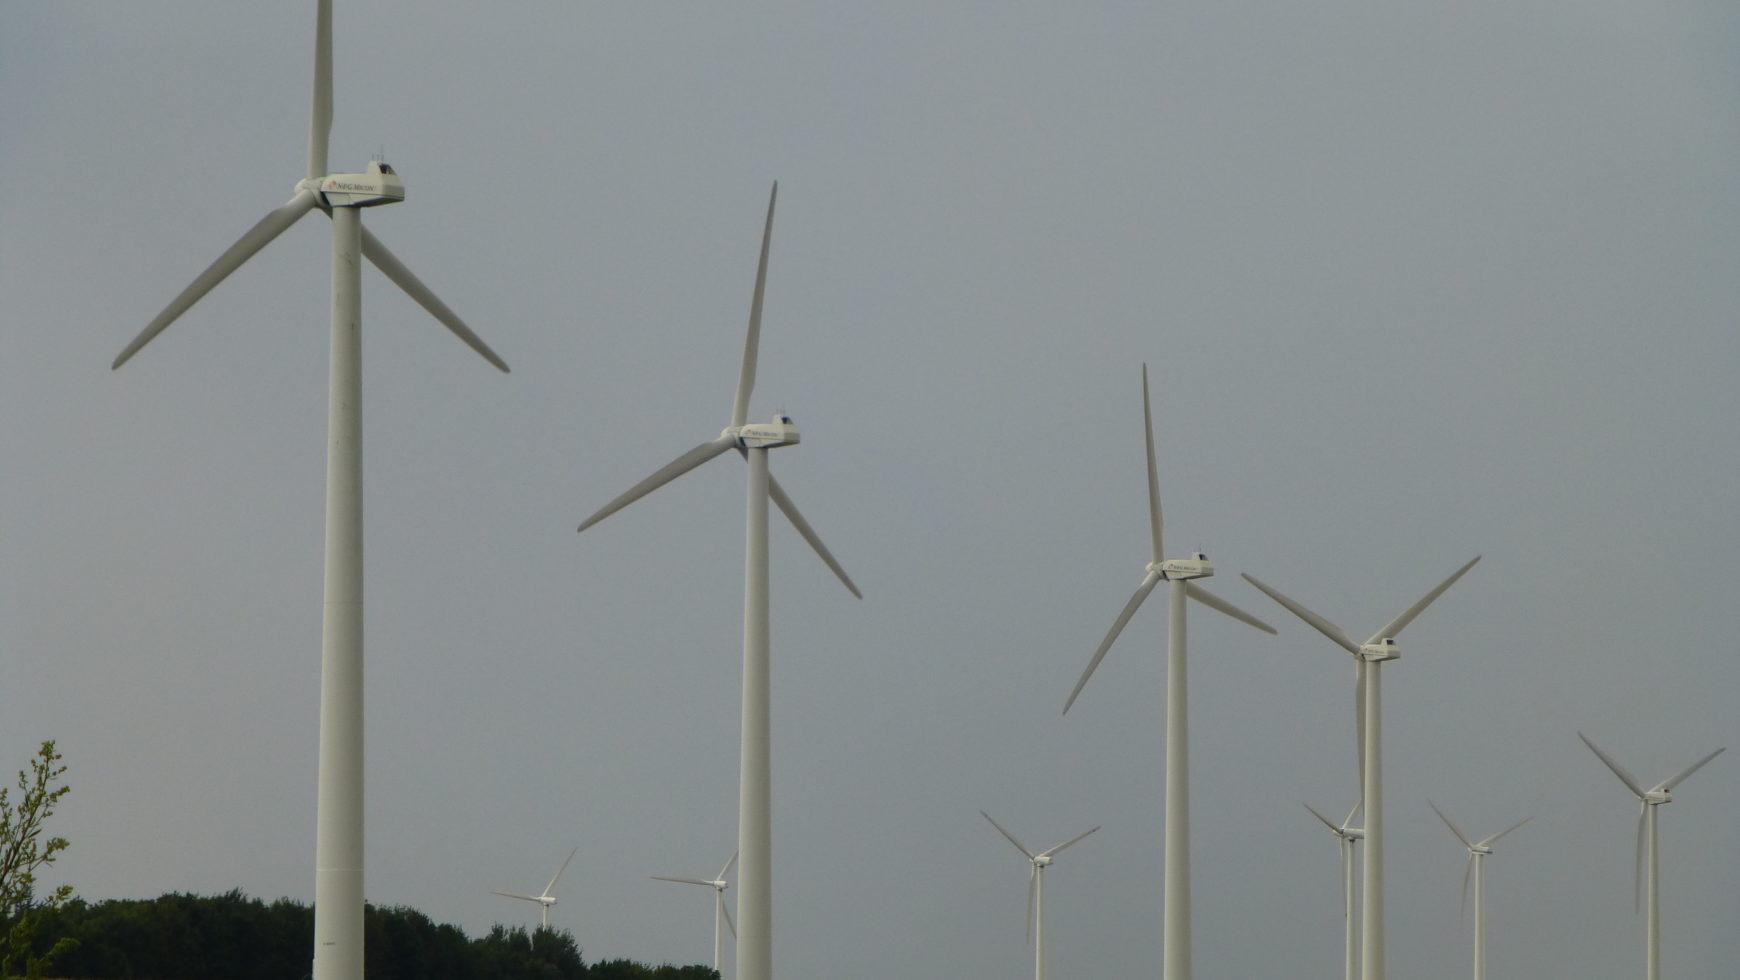 Frage Nr. 18 der CZ: Sollte die Stadt den Bau größerer Windkraftanlagen genehmigen, und ggfs. Wo?